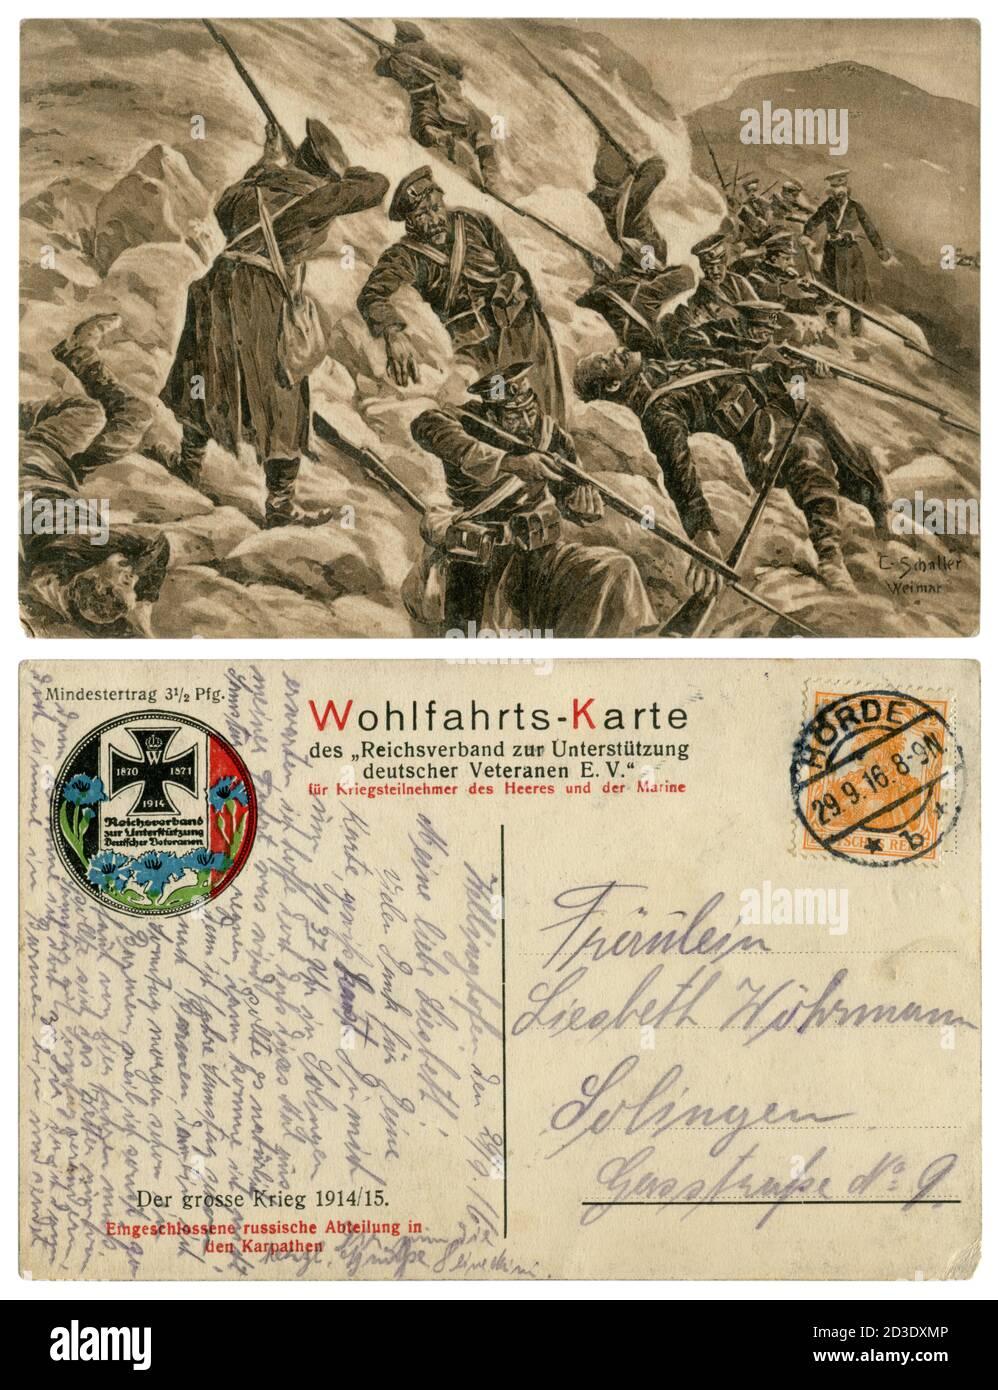 Carte postale historique de la propagande allemande : défaite de la division russe dans les montagnes des Carpates. Les soldats se battent jusqu'au dernier souffle. 1915 Banque D'Images